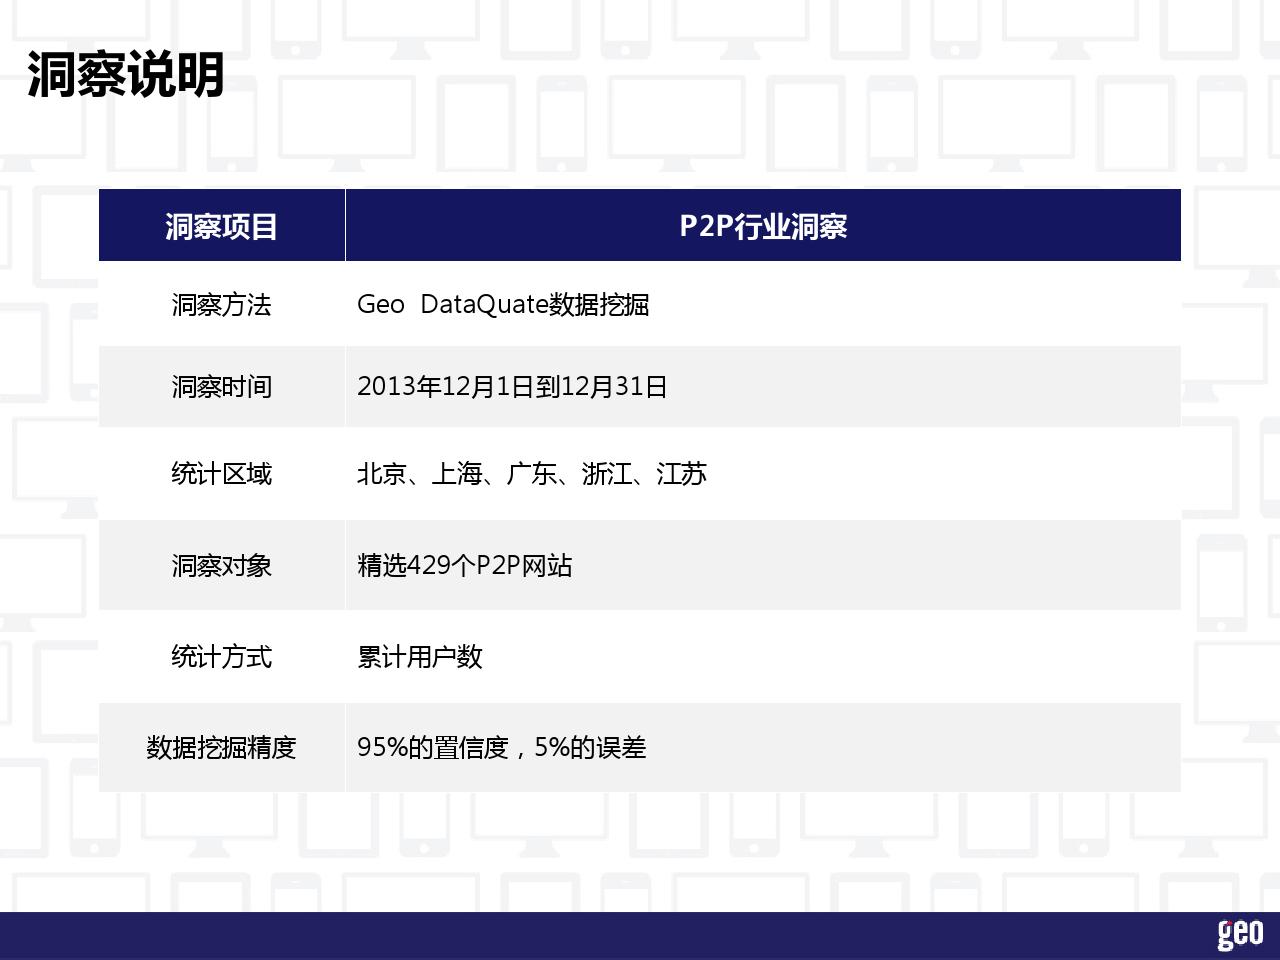 P2P行业洞察报告_000002